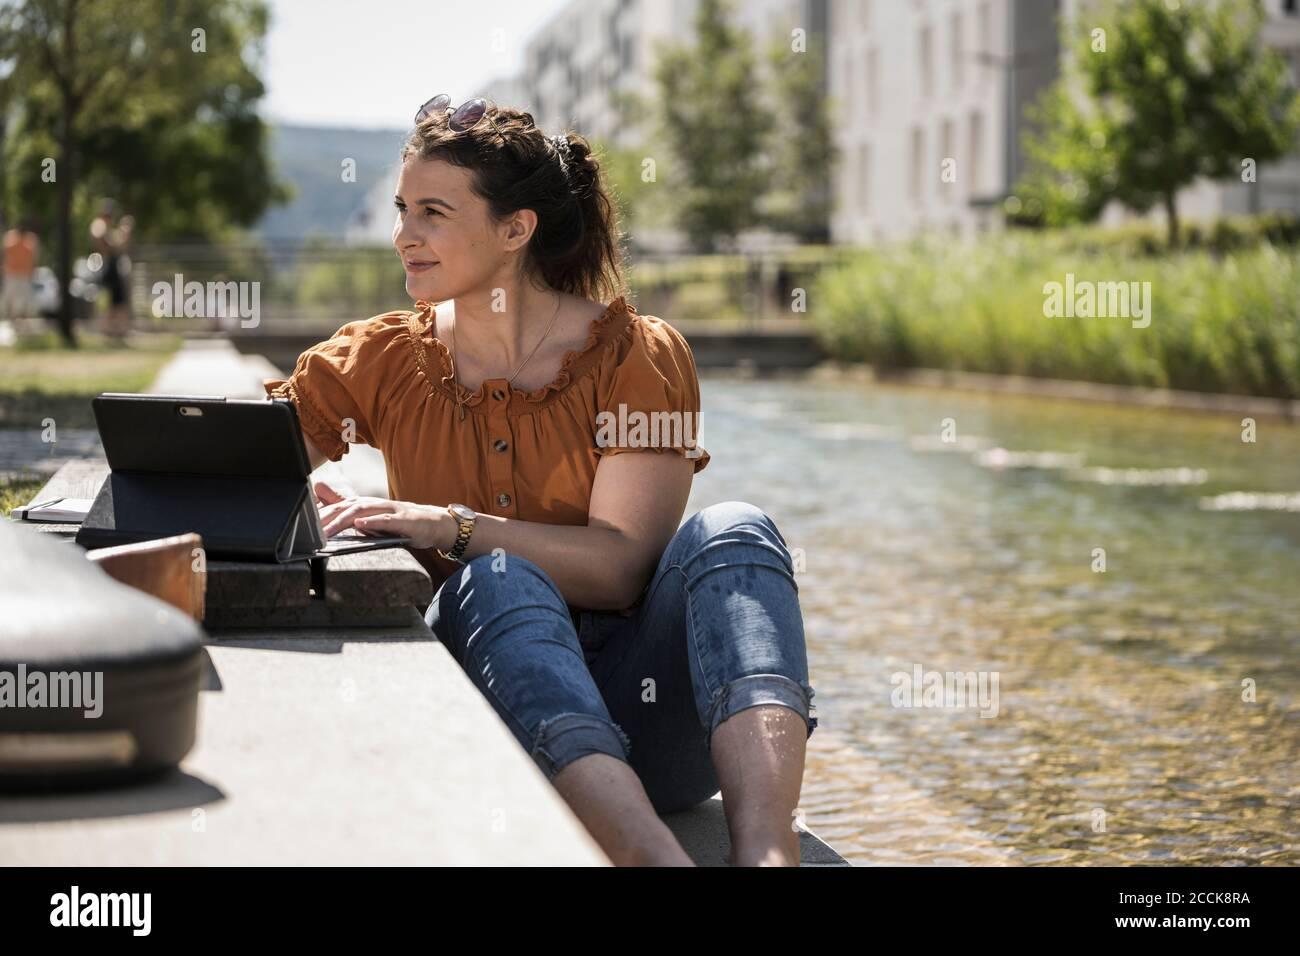 Nachdenkliche Frau mit Laptop sitzt am Teich im Park während Sonniger Tag Stockfoto